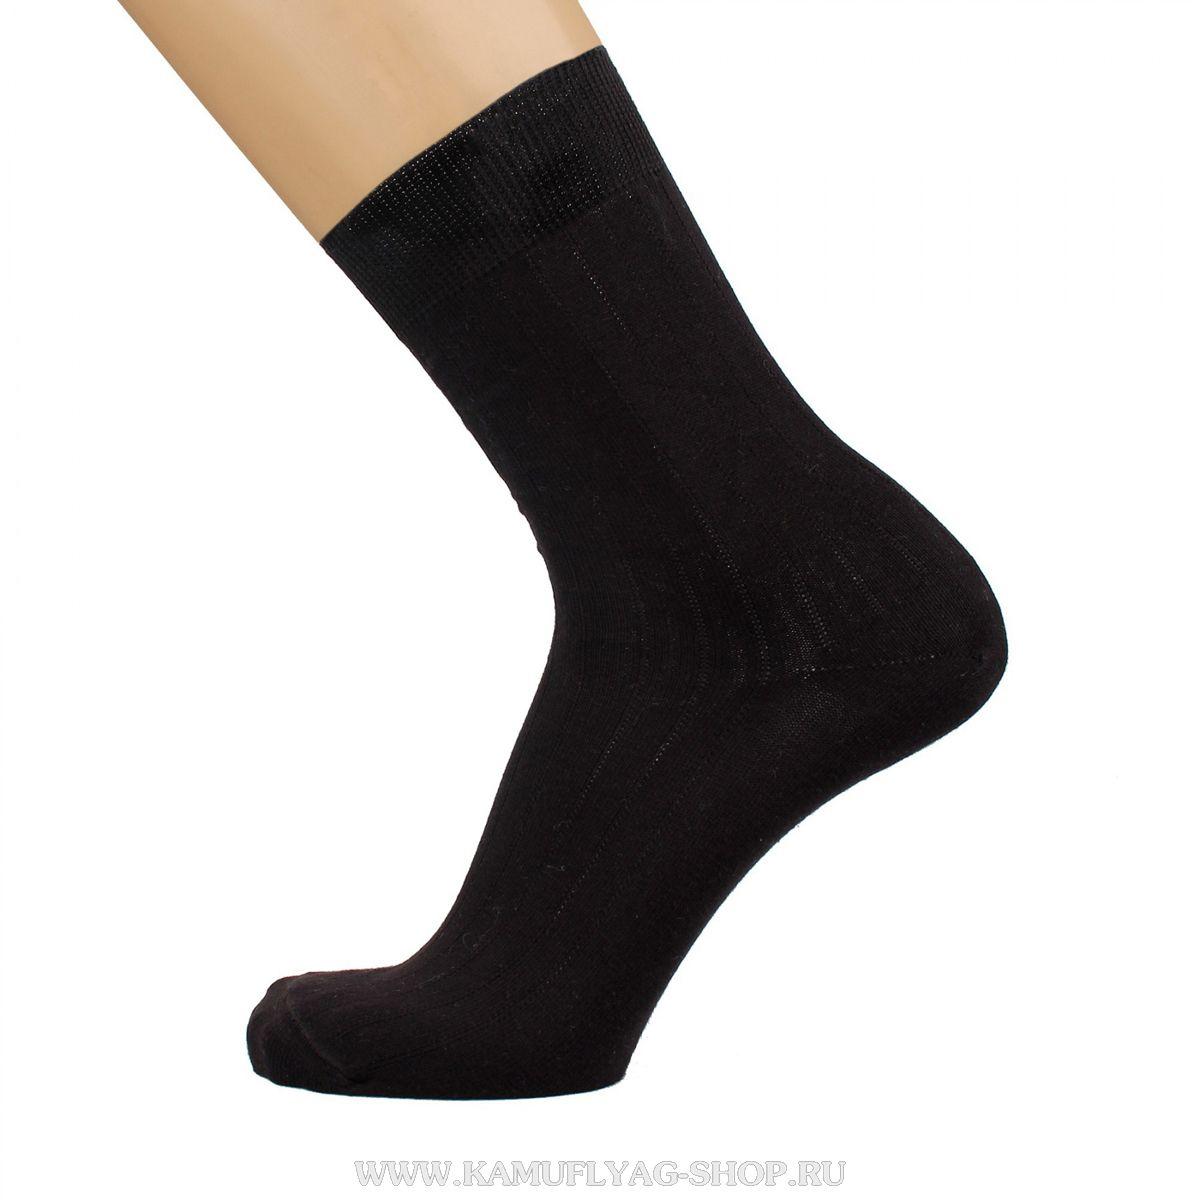 Носки мужские черные с антибактериальным эффектом